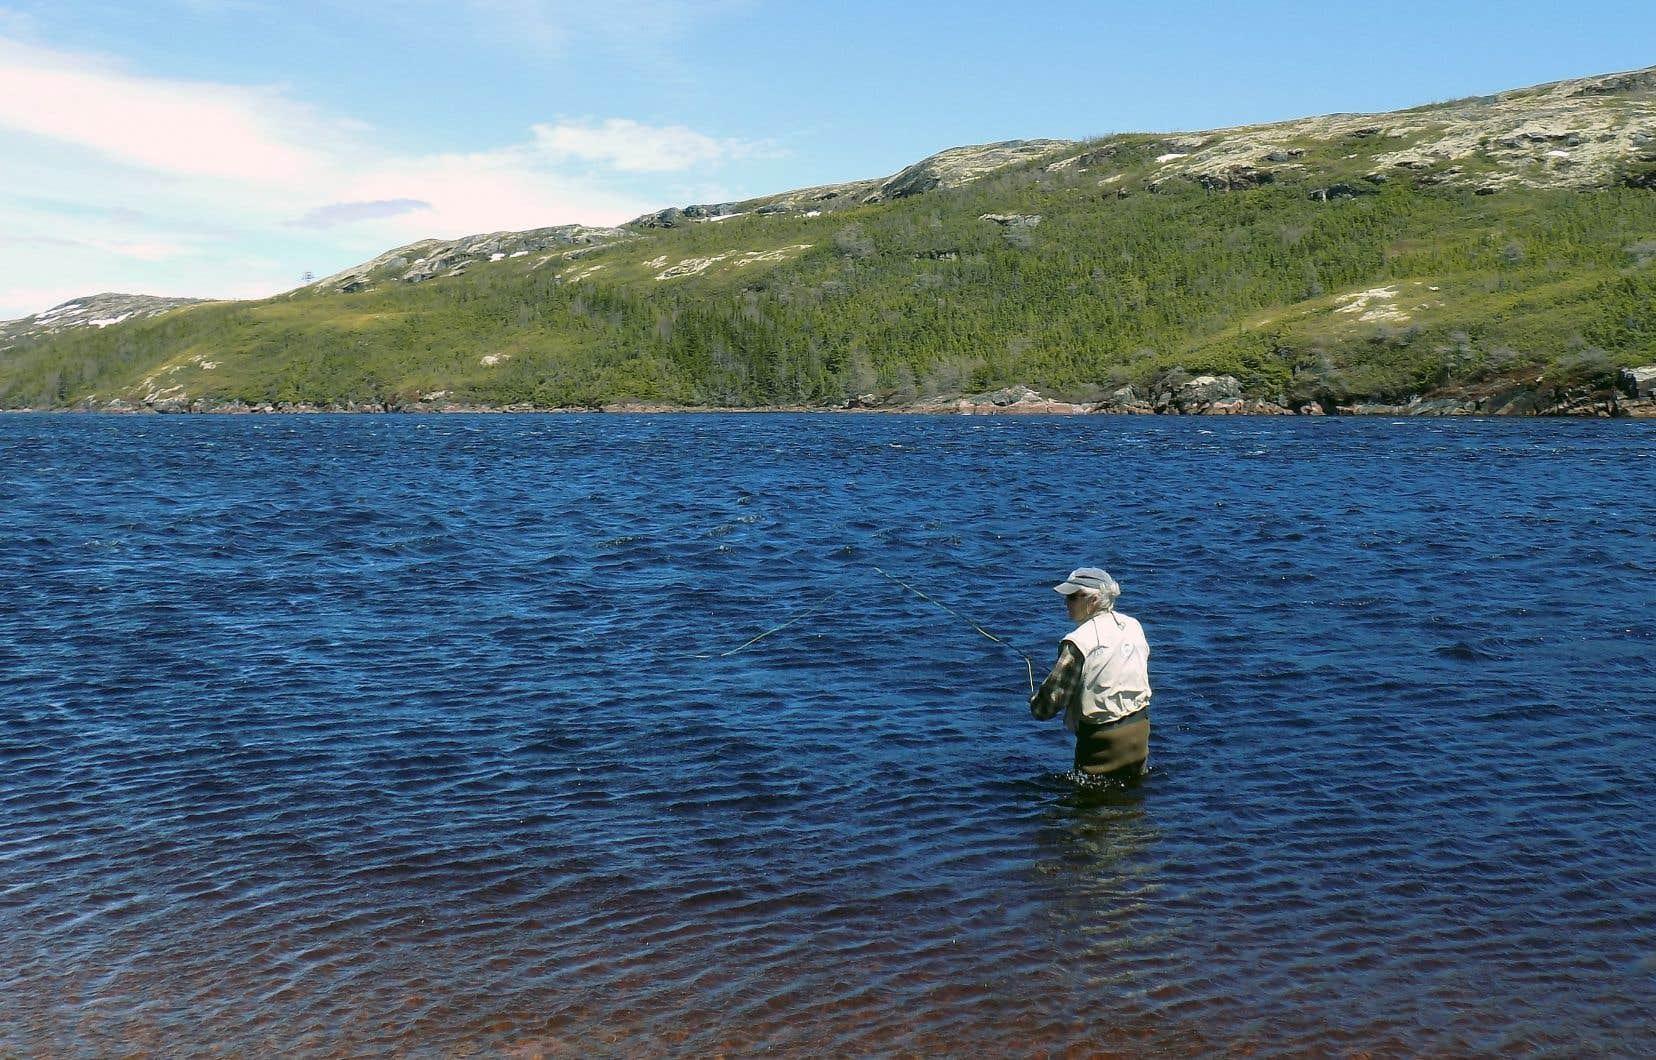 Garland Nadeau connaît par cœur la rivière Saint-Paul, l'une des plus belles rivières à saumon du Québec. Pour lui, la rivière est une messe et la pêche, sa liturgie.